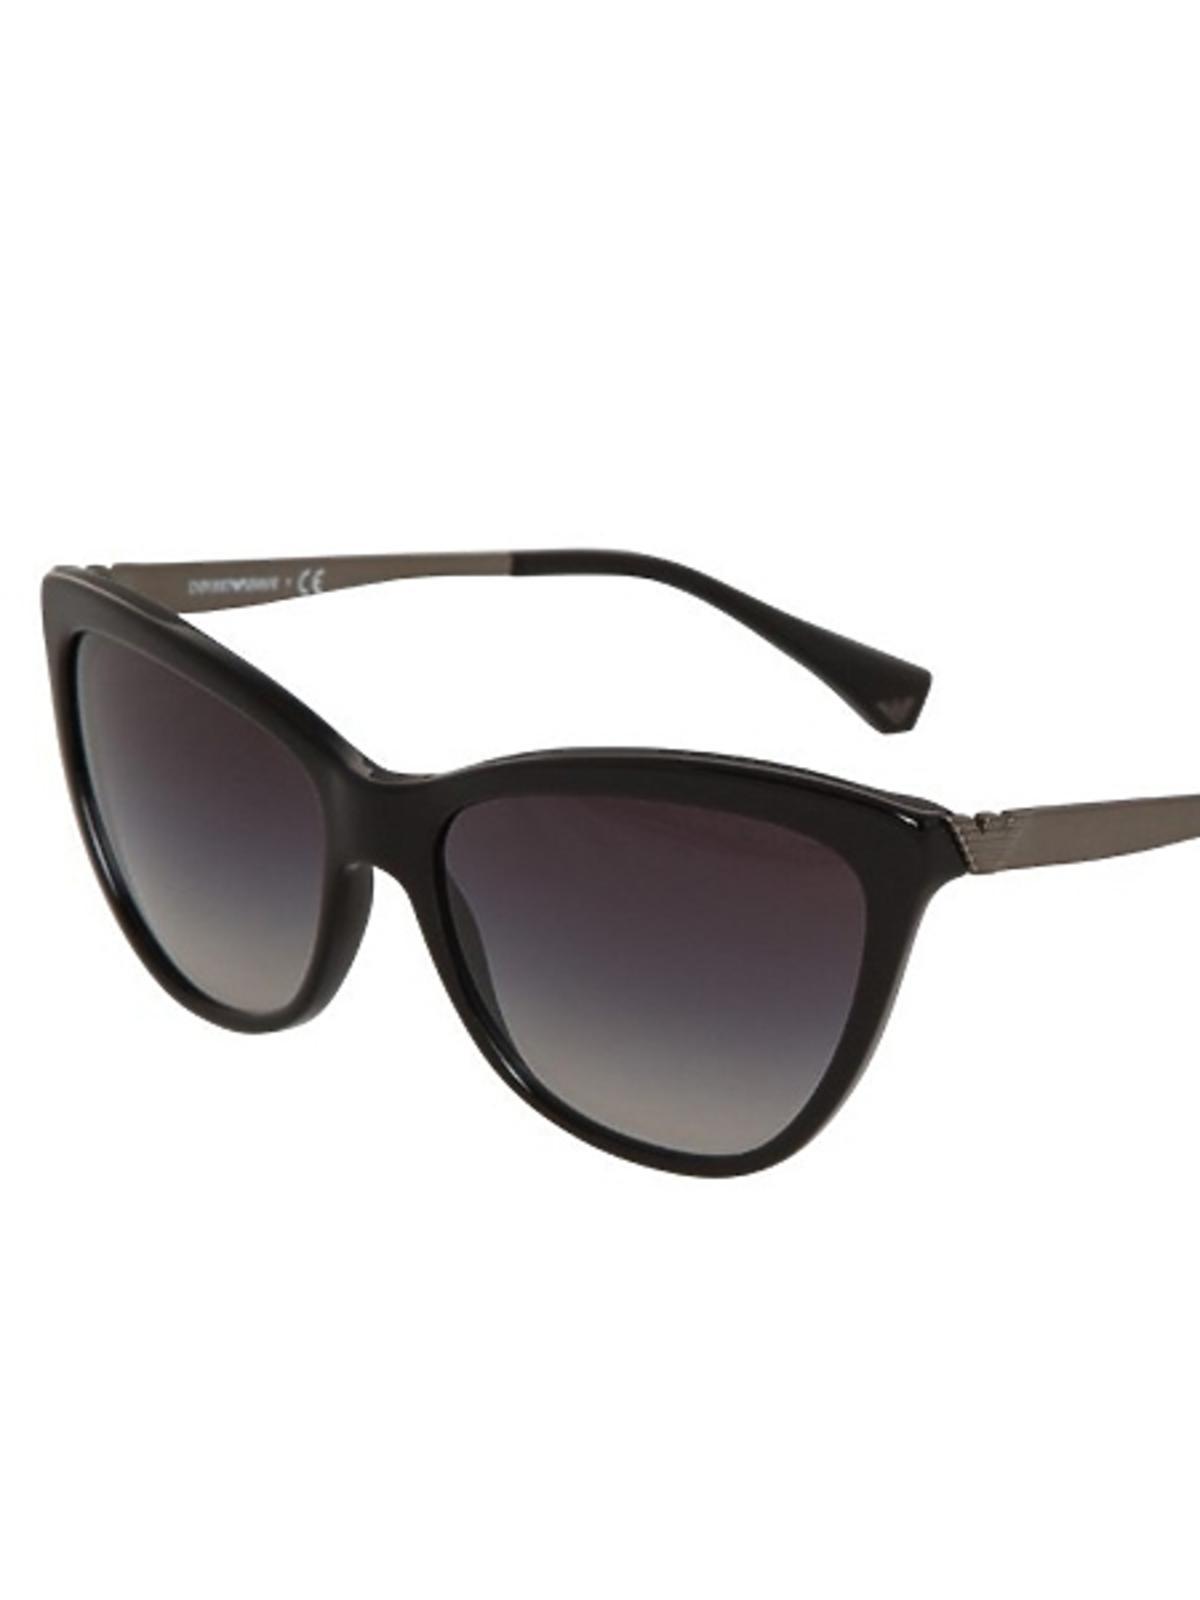 Okulary przeciwsłoneczne Emporio Armani, cena